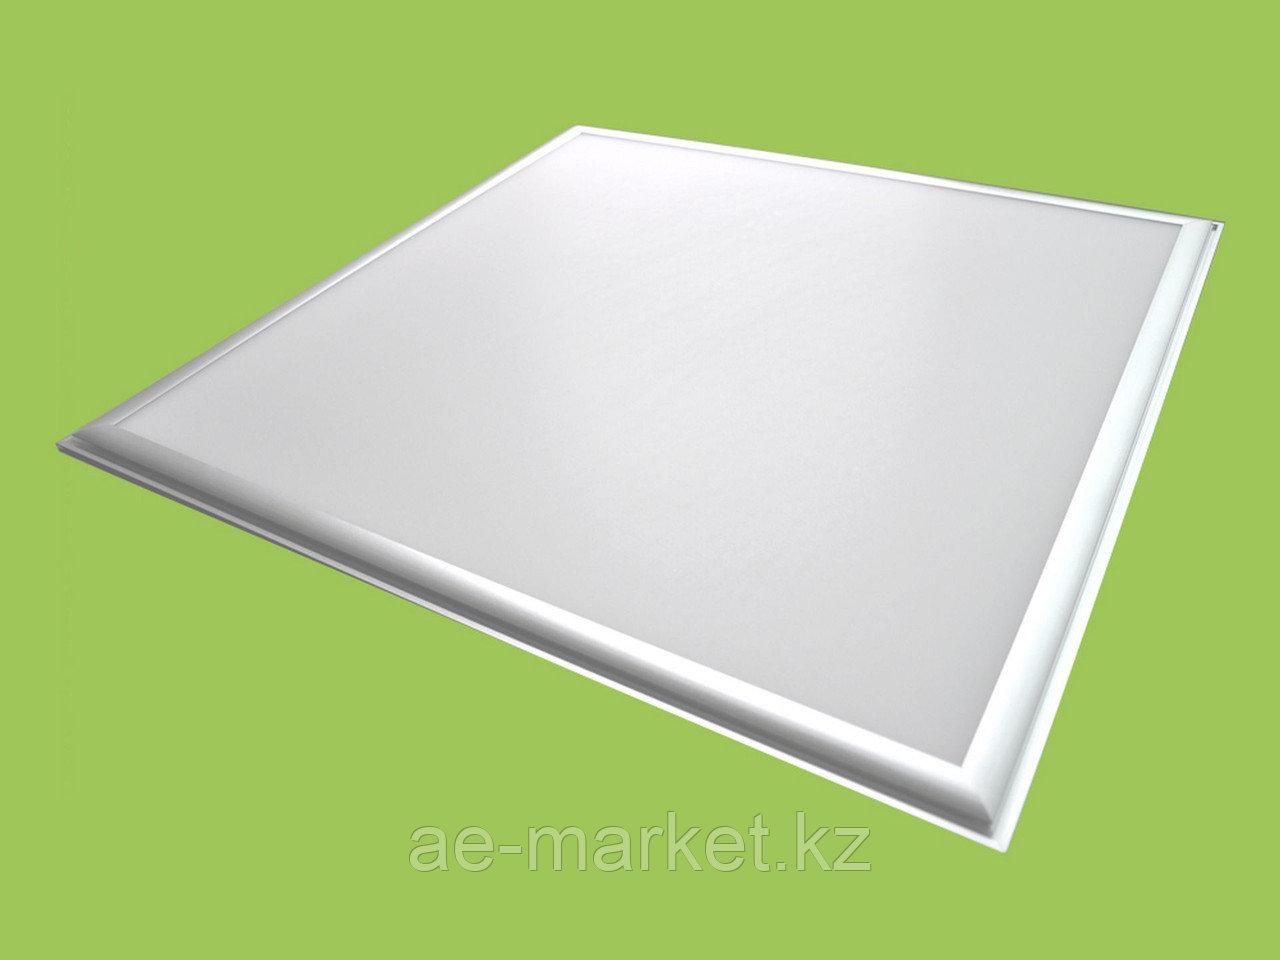 Светодиодная панель 464 LPS 60045 (595*595*14 mm 45W/3400Lm 6000K IP20)